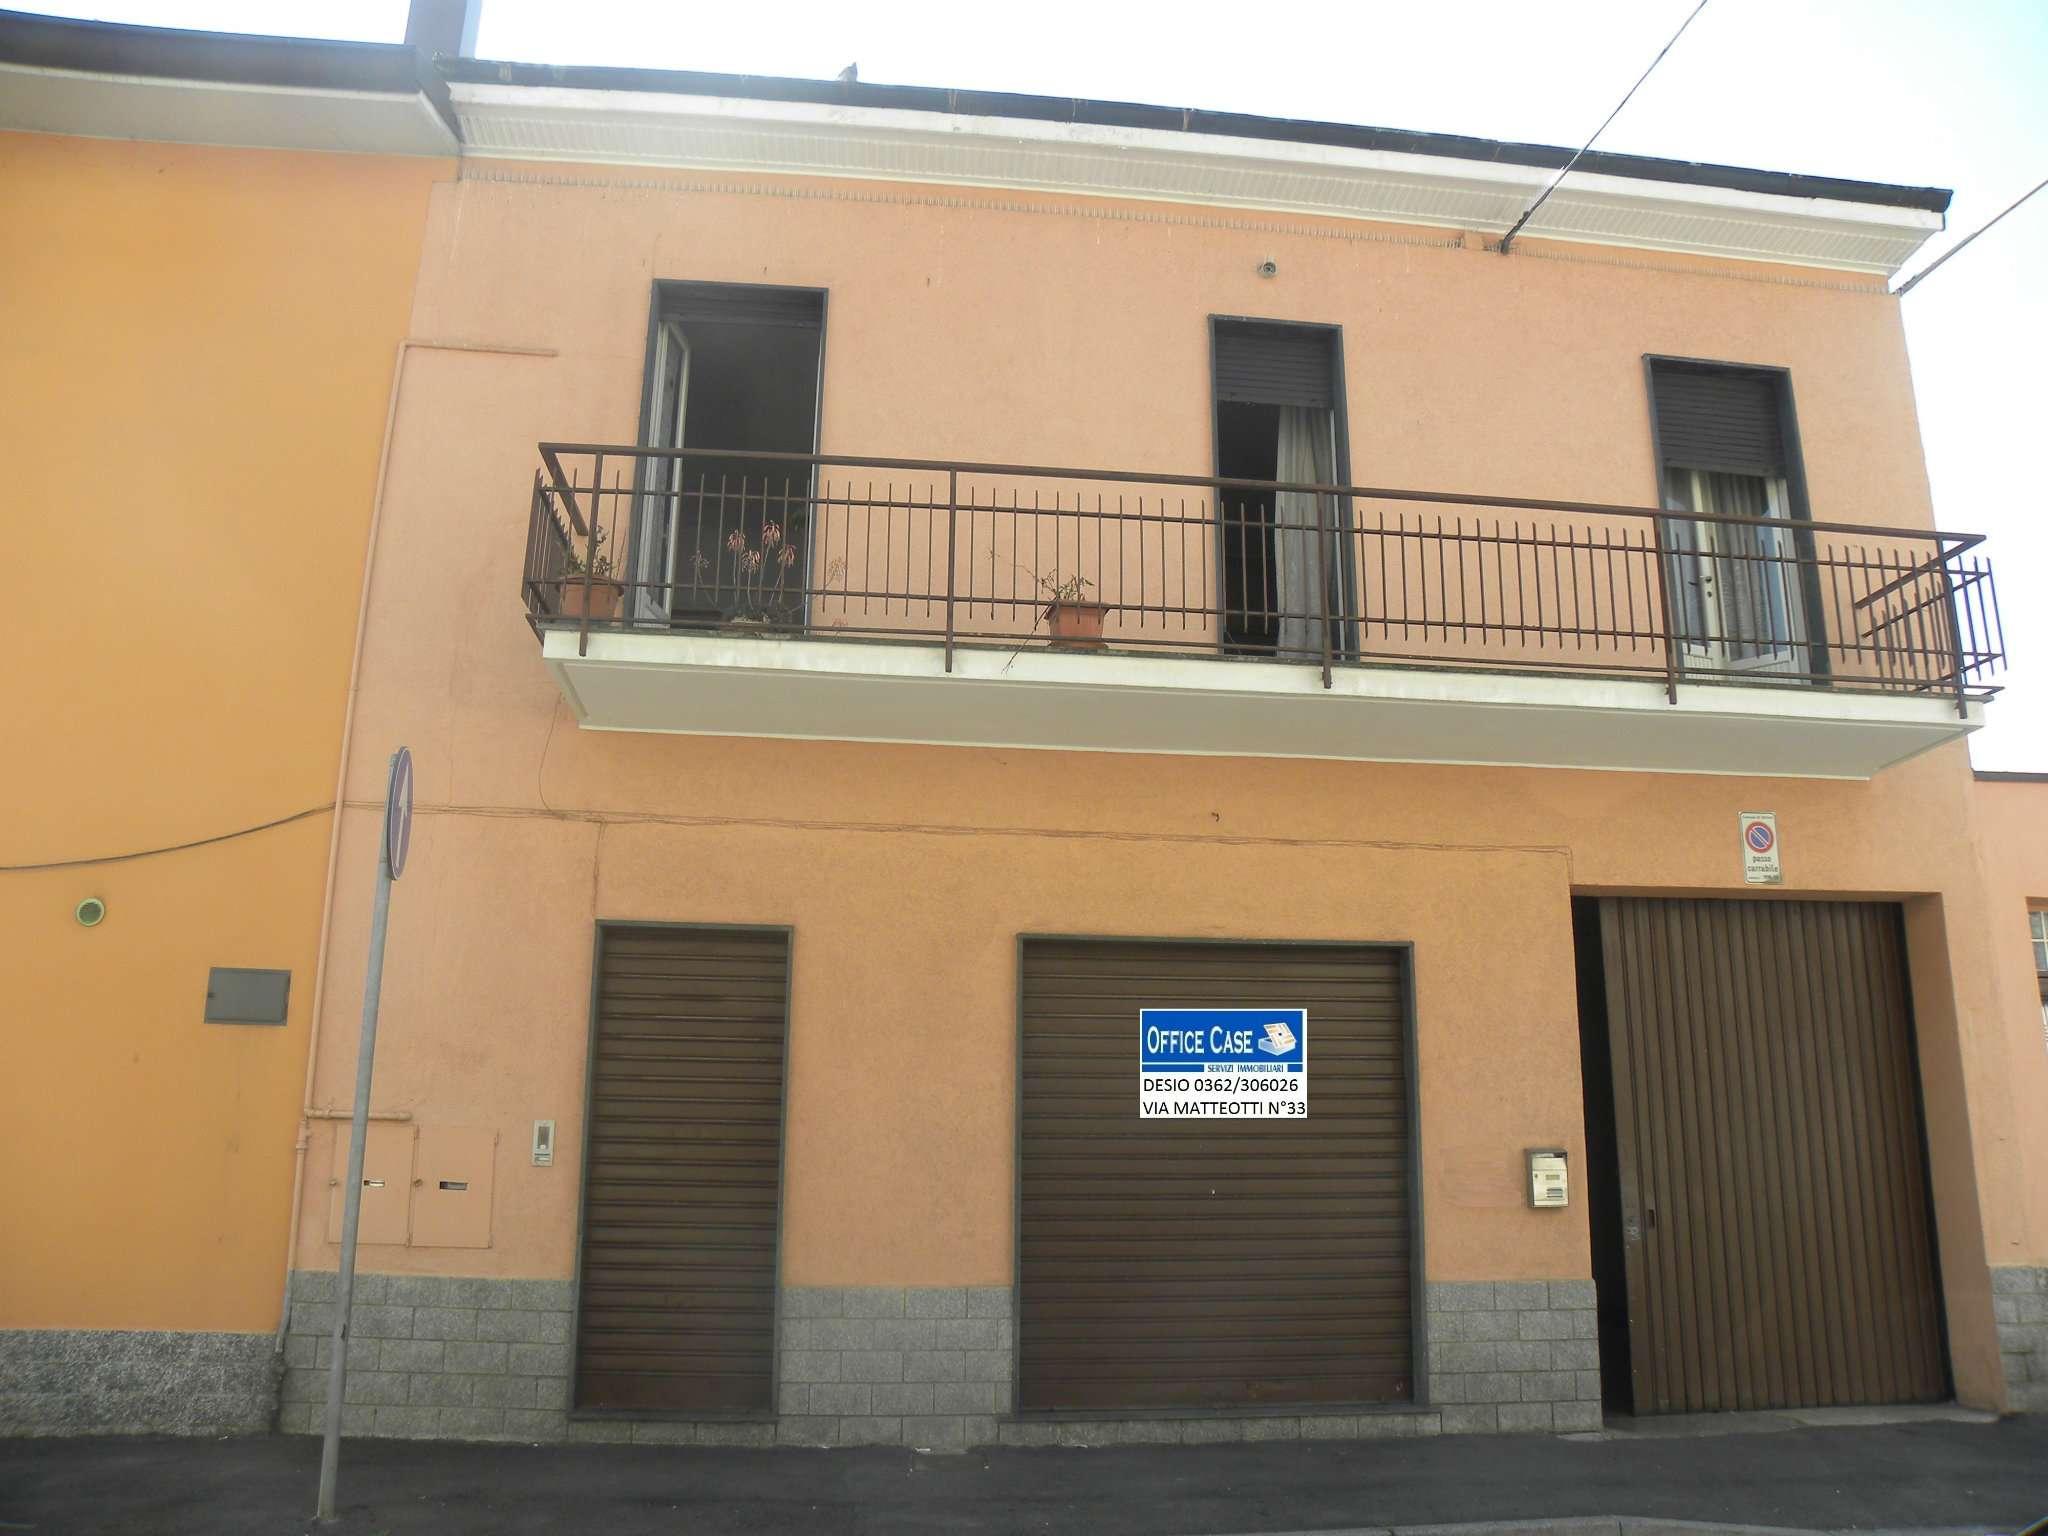 Soluzione Indipendente in vendita a Desio, 6 locali, prezzo € 250.000 | CambioCasa.it